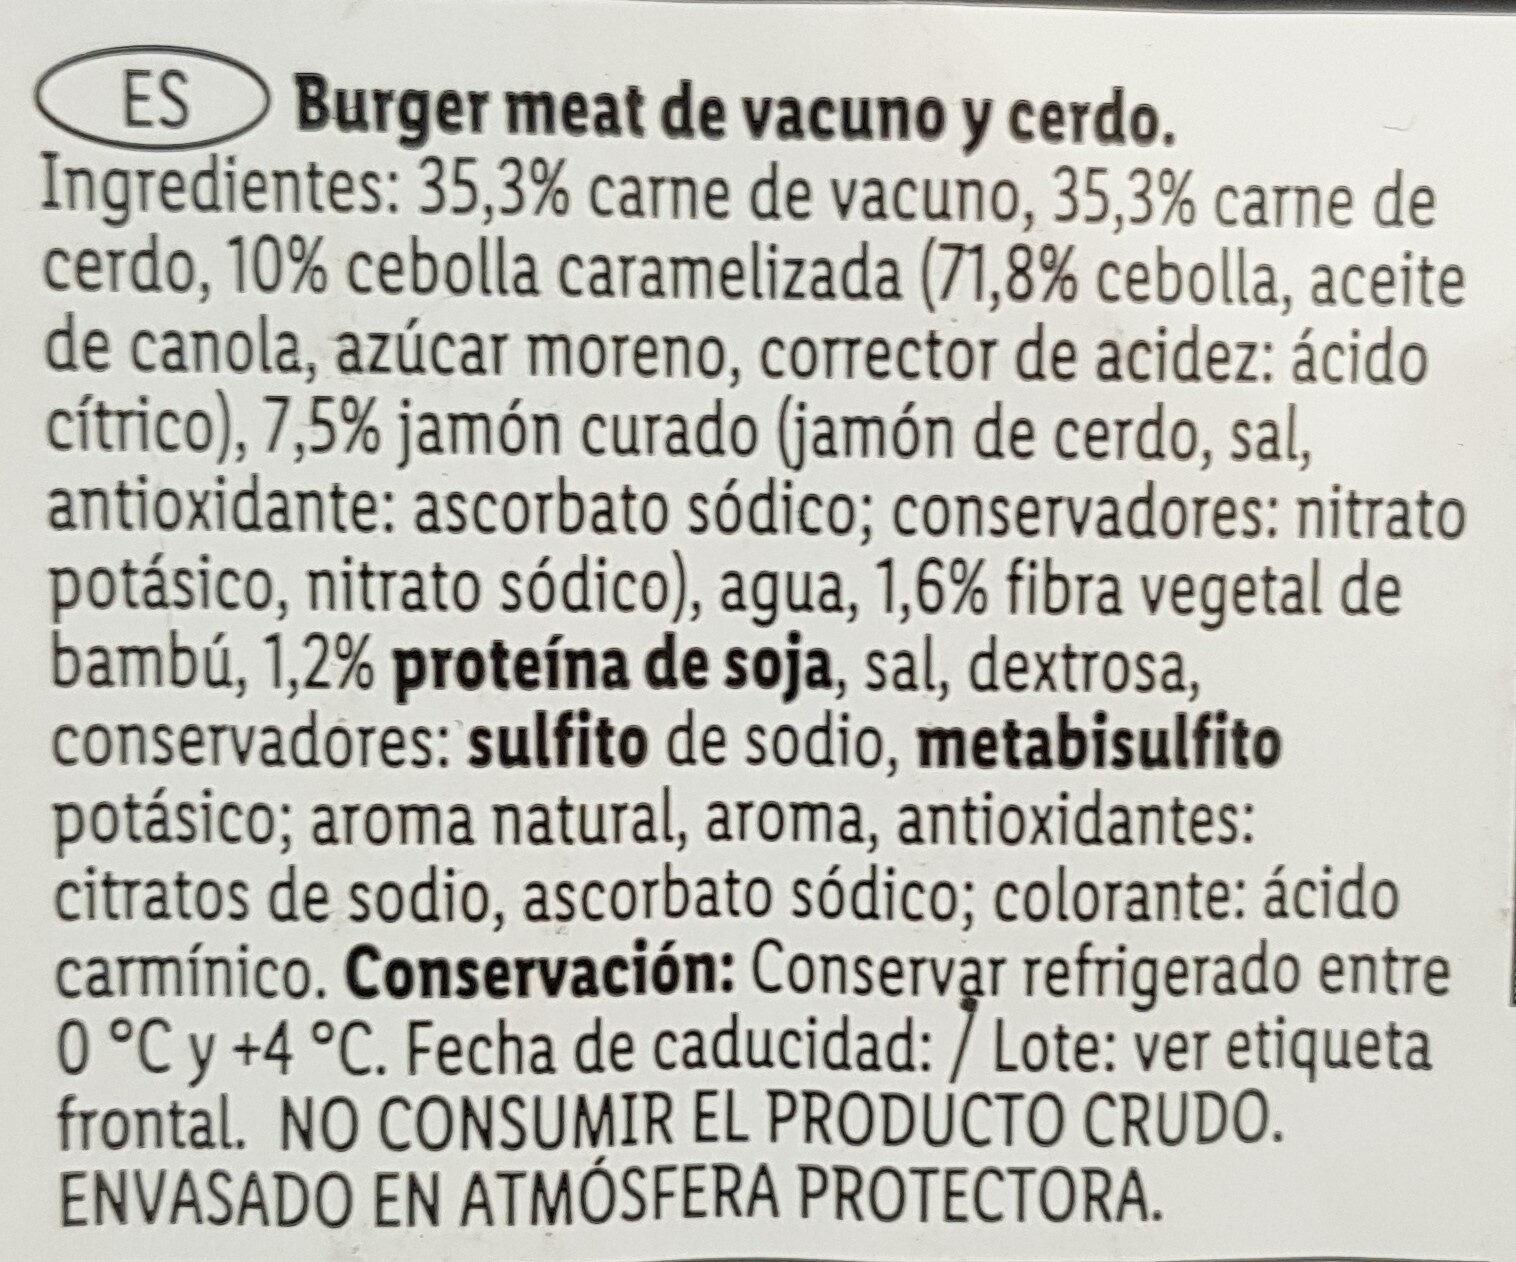 Hamburguesa jamón y cebolla caramelizada - Vacuno/Cerdo - Ingredientes